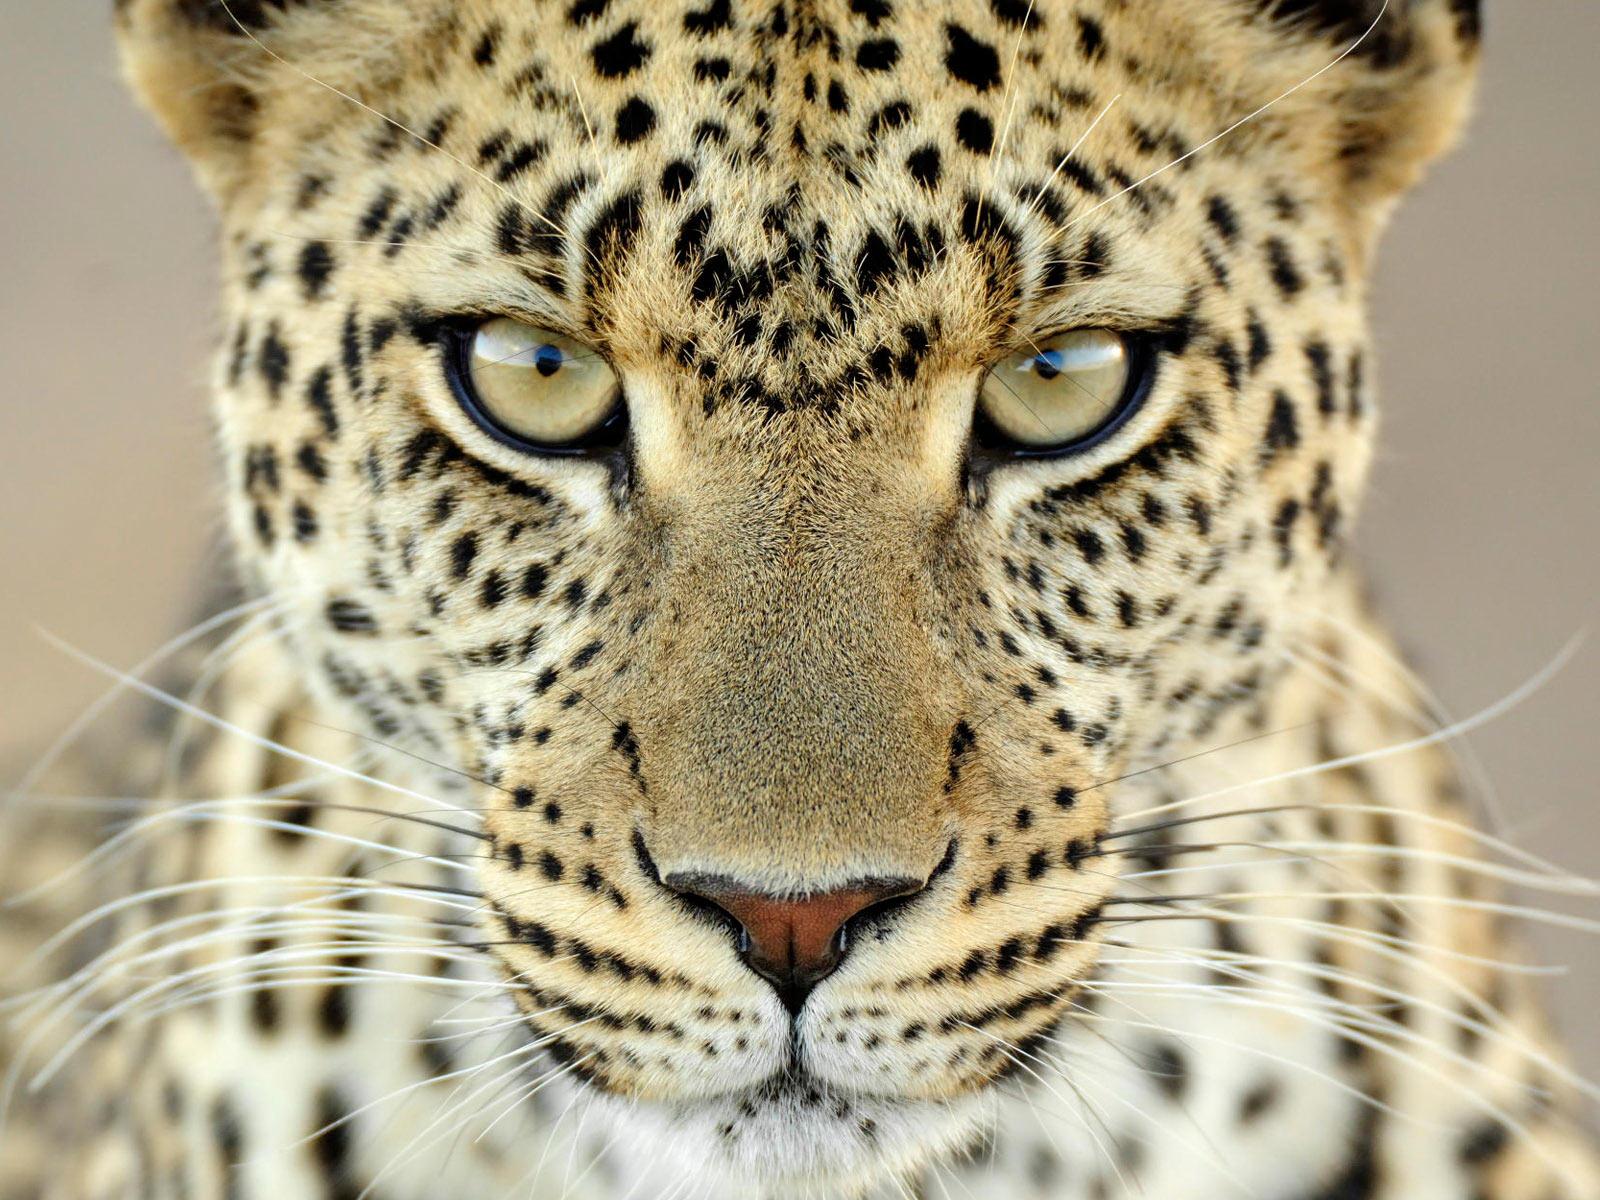 Leopard_big_cats.jpeg